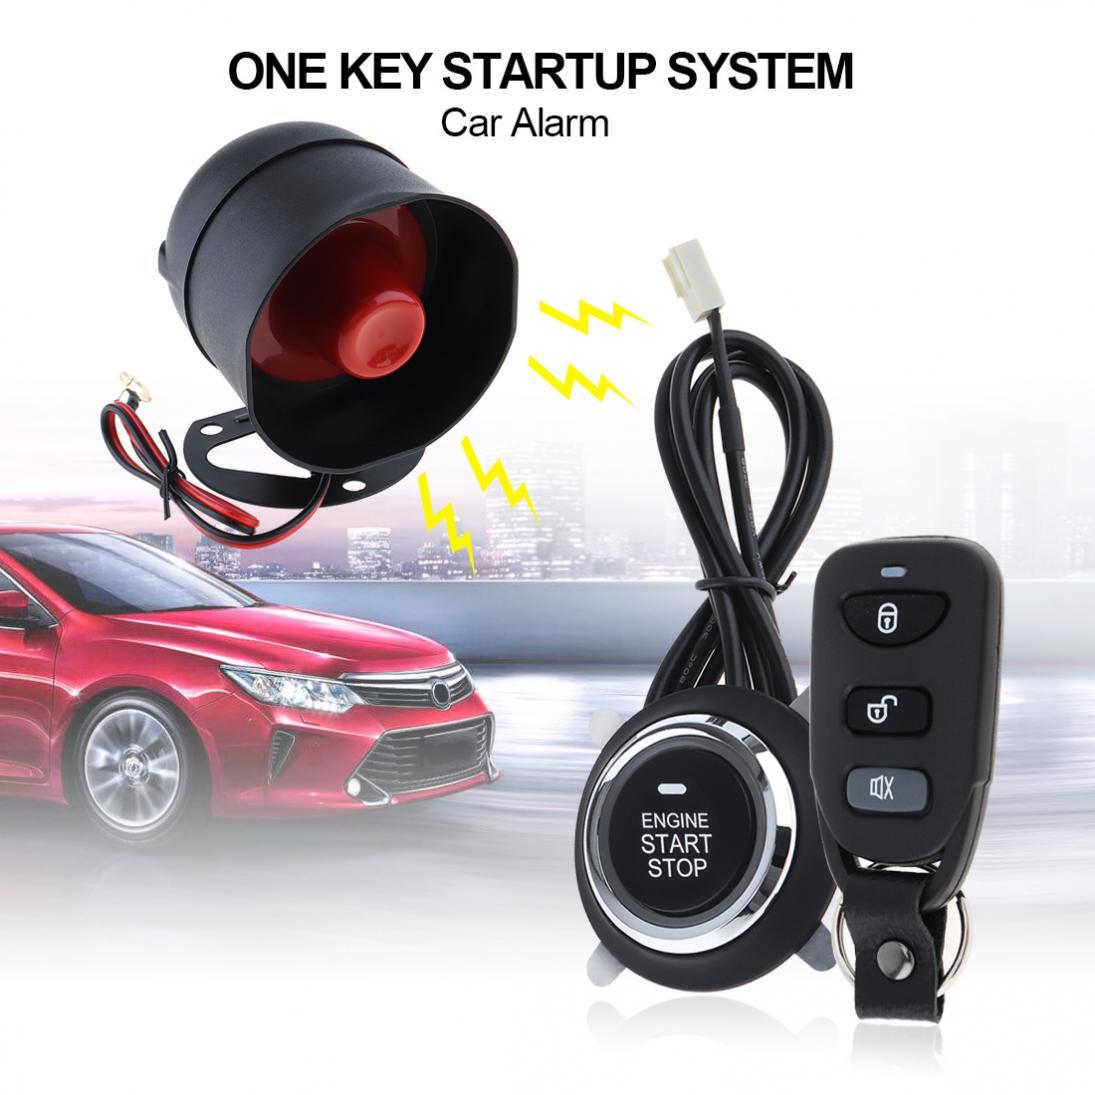 Système d'alarme de voiture universel ABS système de démarrage à distance automatique avec verrouillage Central automatique et entrée sans clé 5A avec clé 4